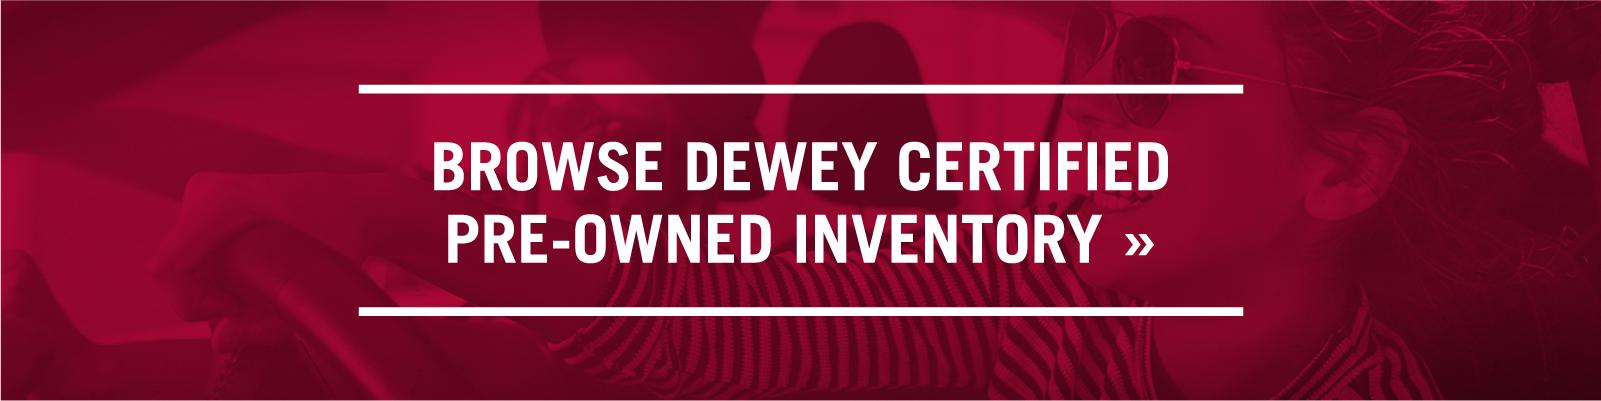 Dewey Certified Pre-Owned